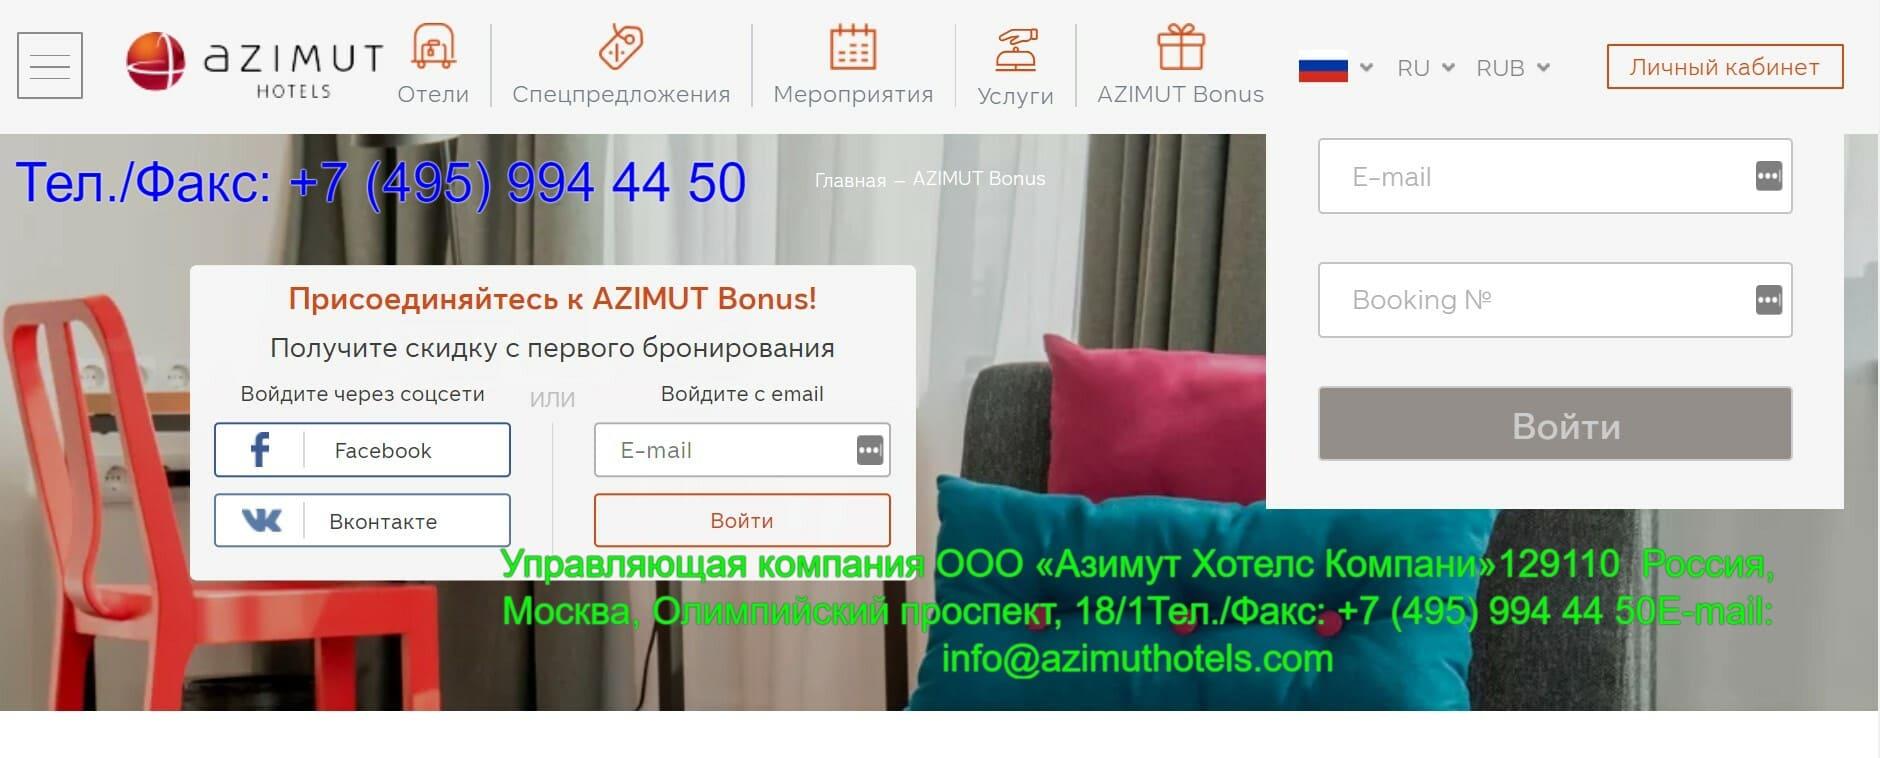 Азимут отель личный кабинет